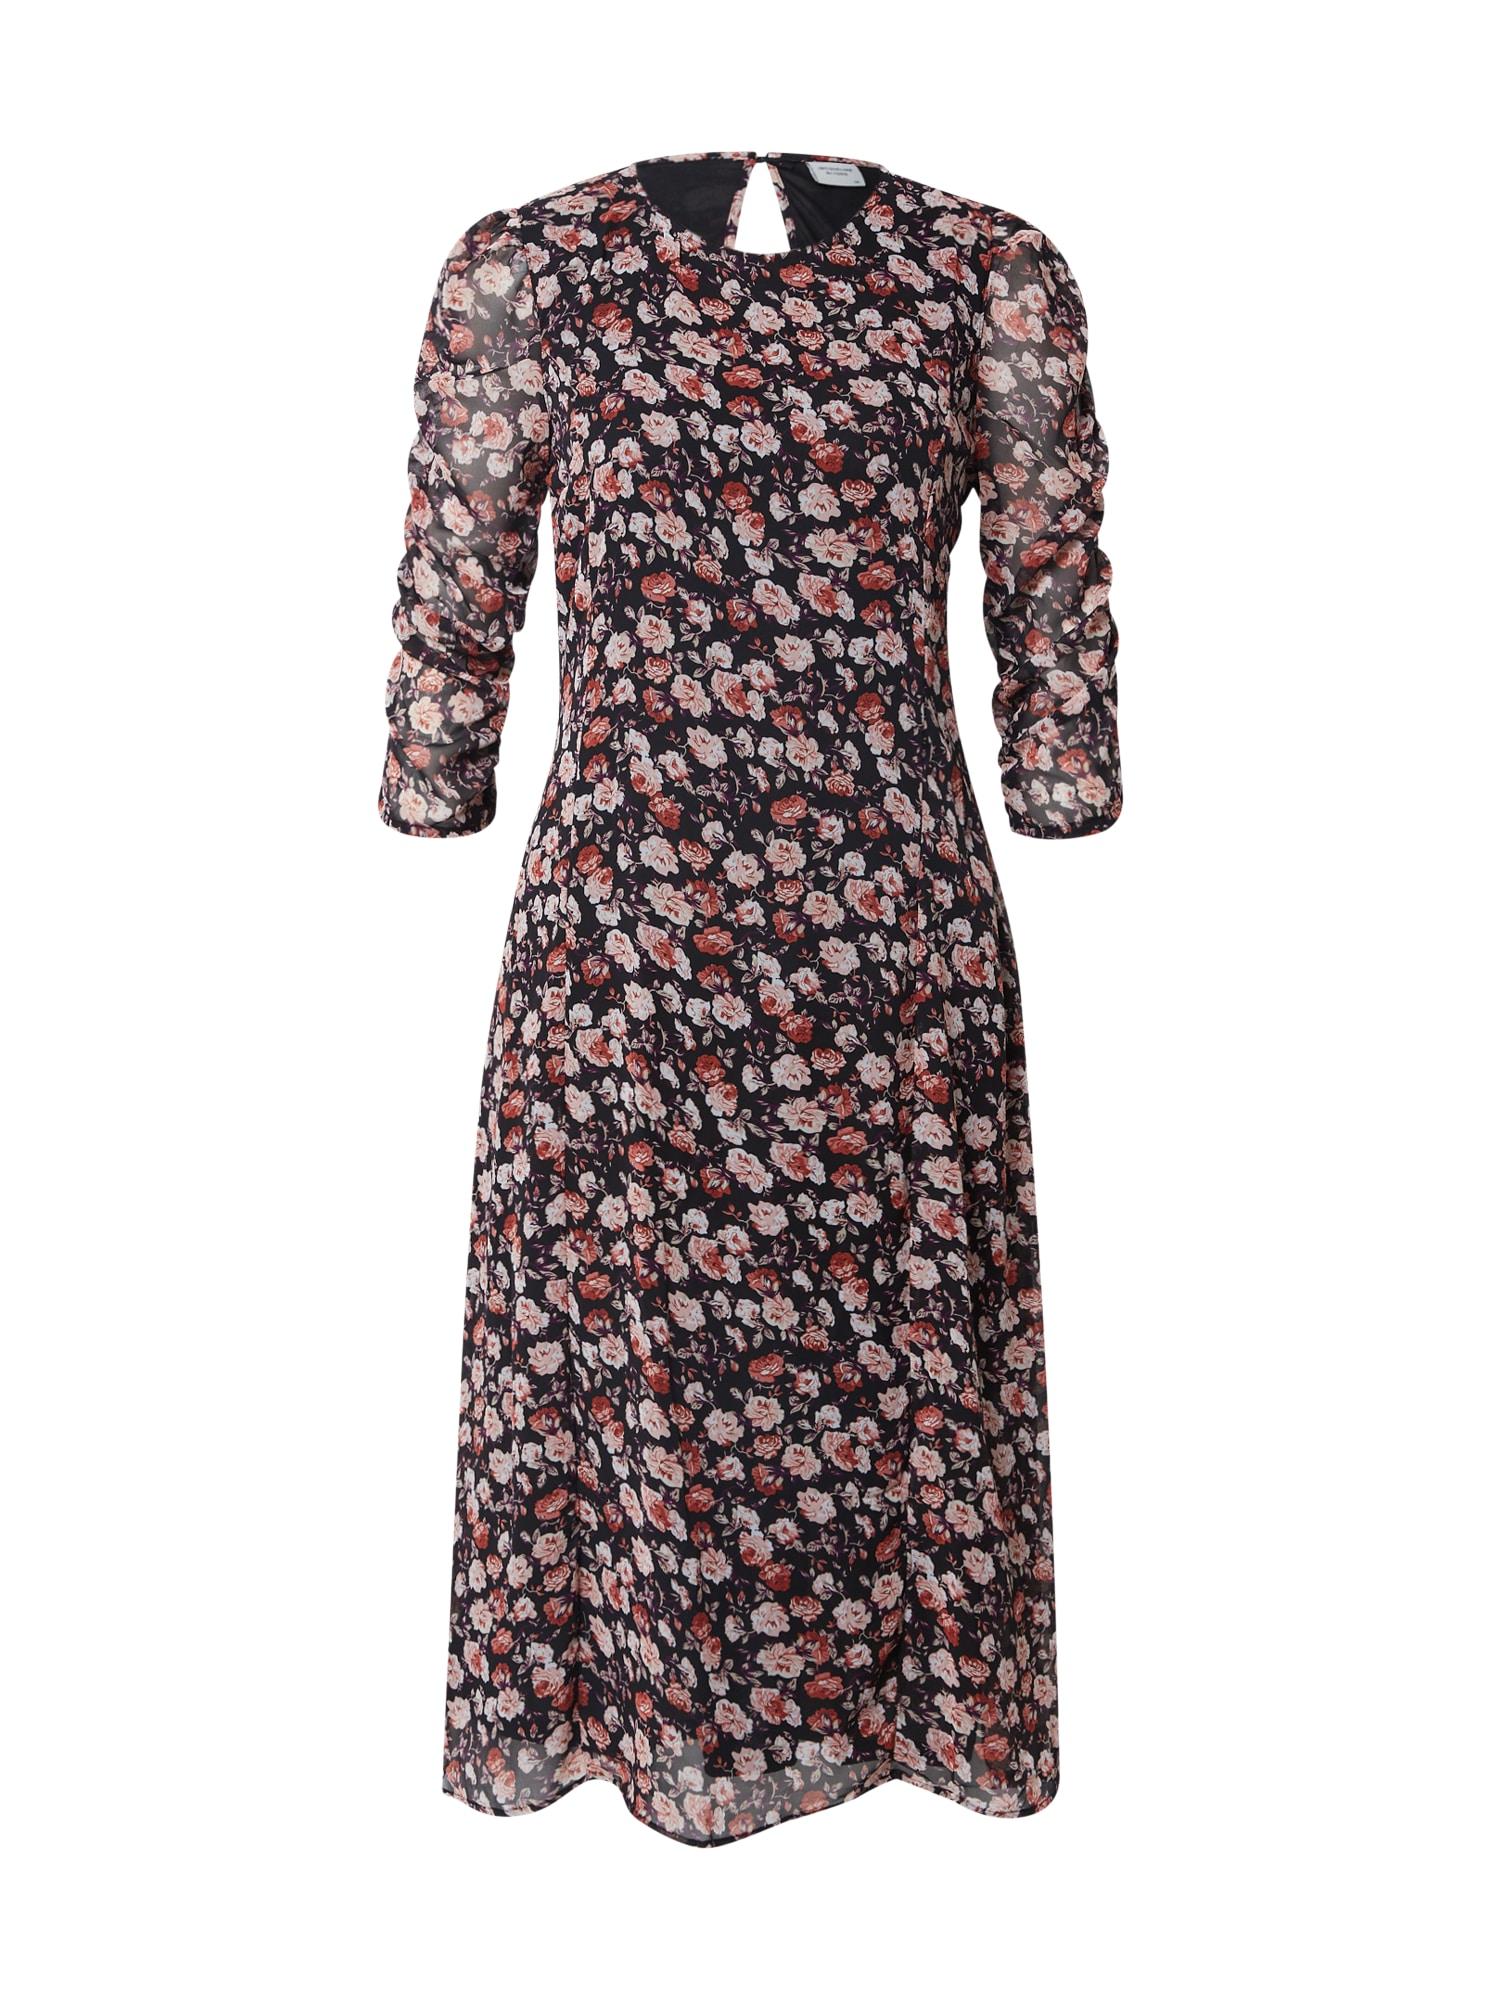 JACQUELINE de YONG Suknelė ryškiai rožinė spalva / juoda / šviesiai rožinė